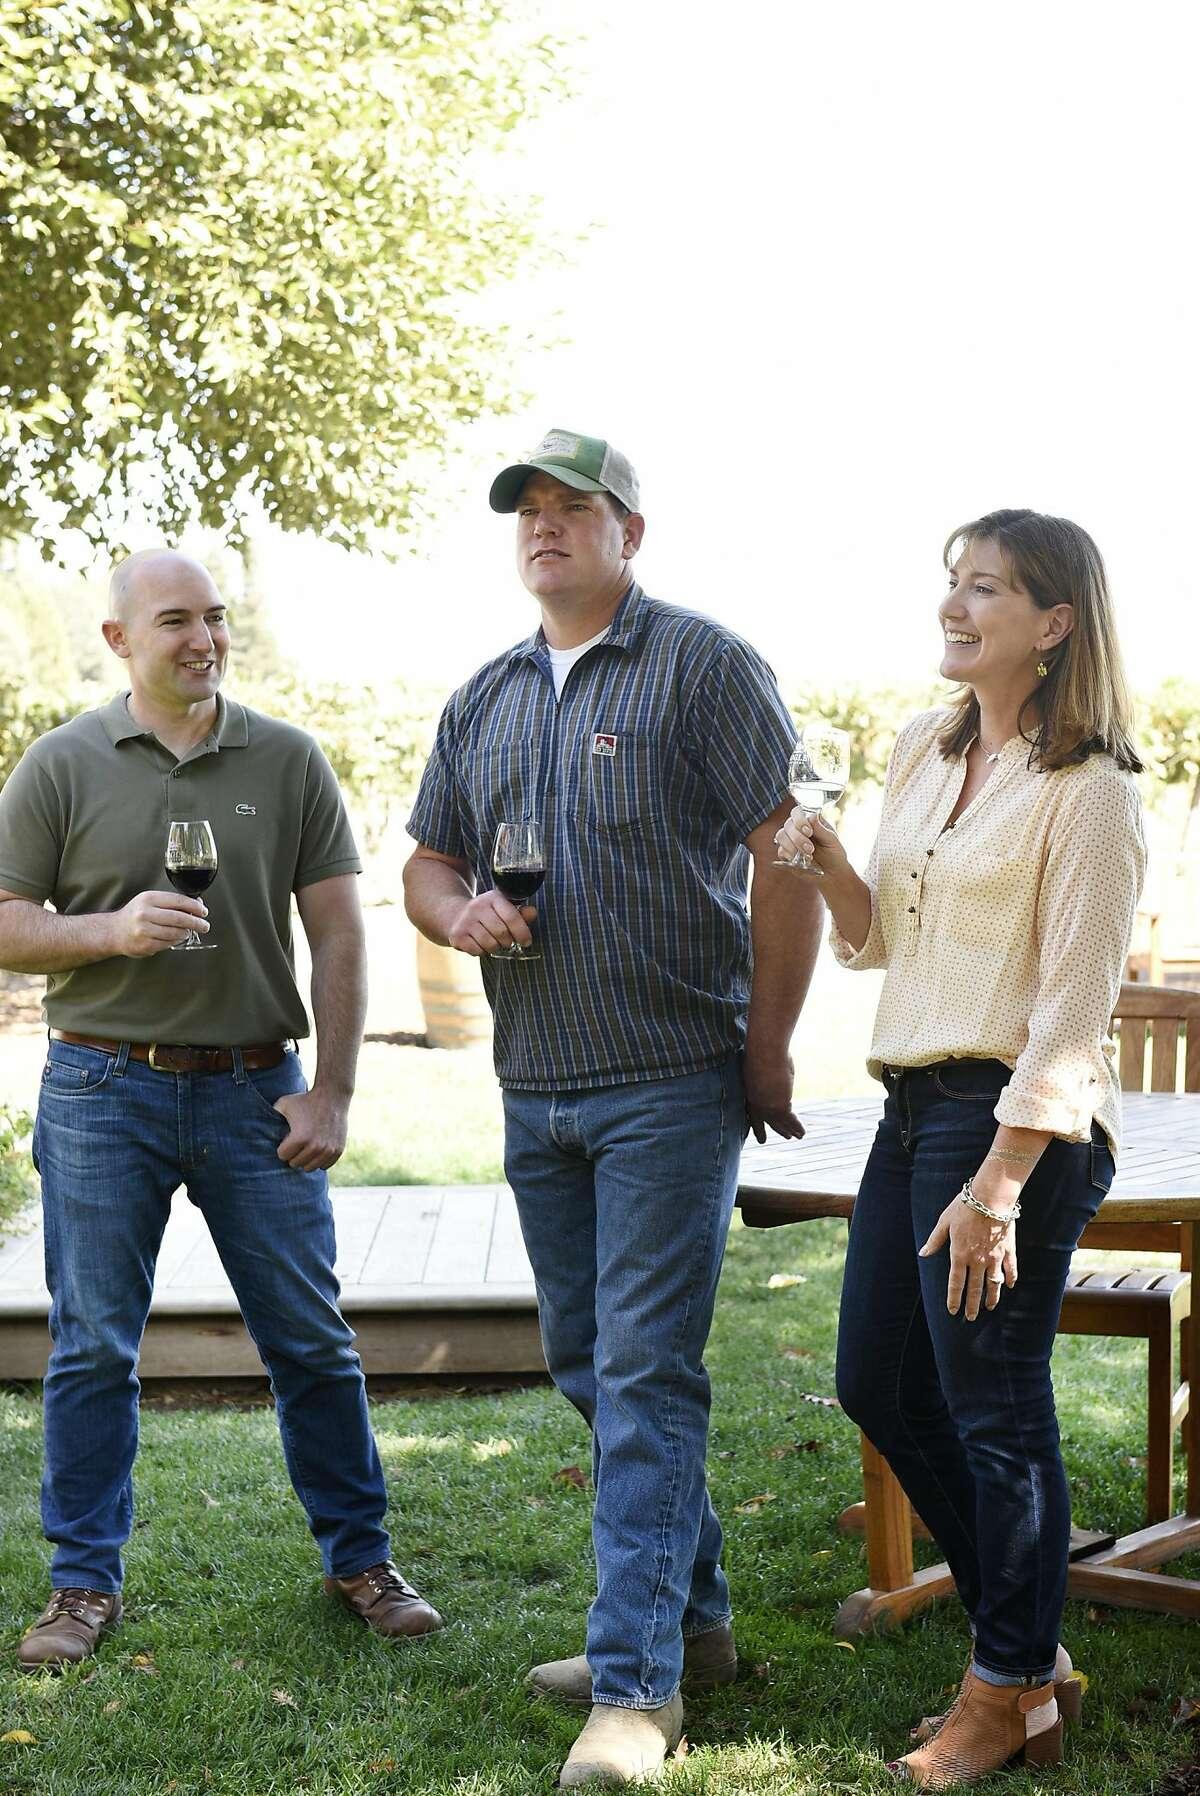 Ryan Bogle, left, Warren Bogle, and Jody Bogle pose for a portrait at Bogle Winery in Clarksburg, CA Wednesday, September 14, 2016.